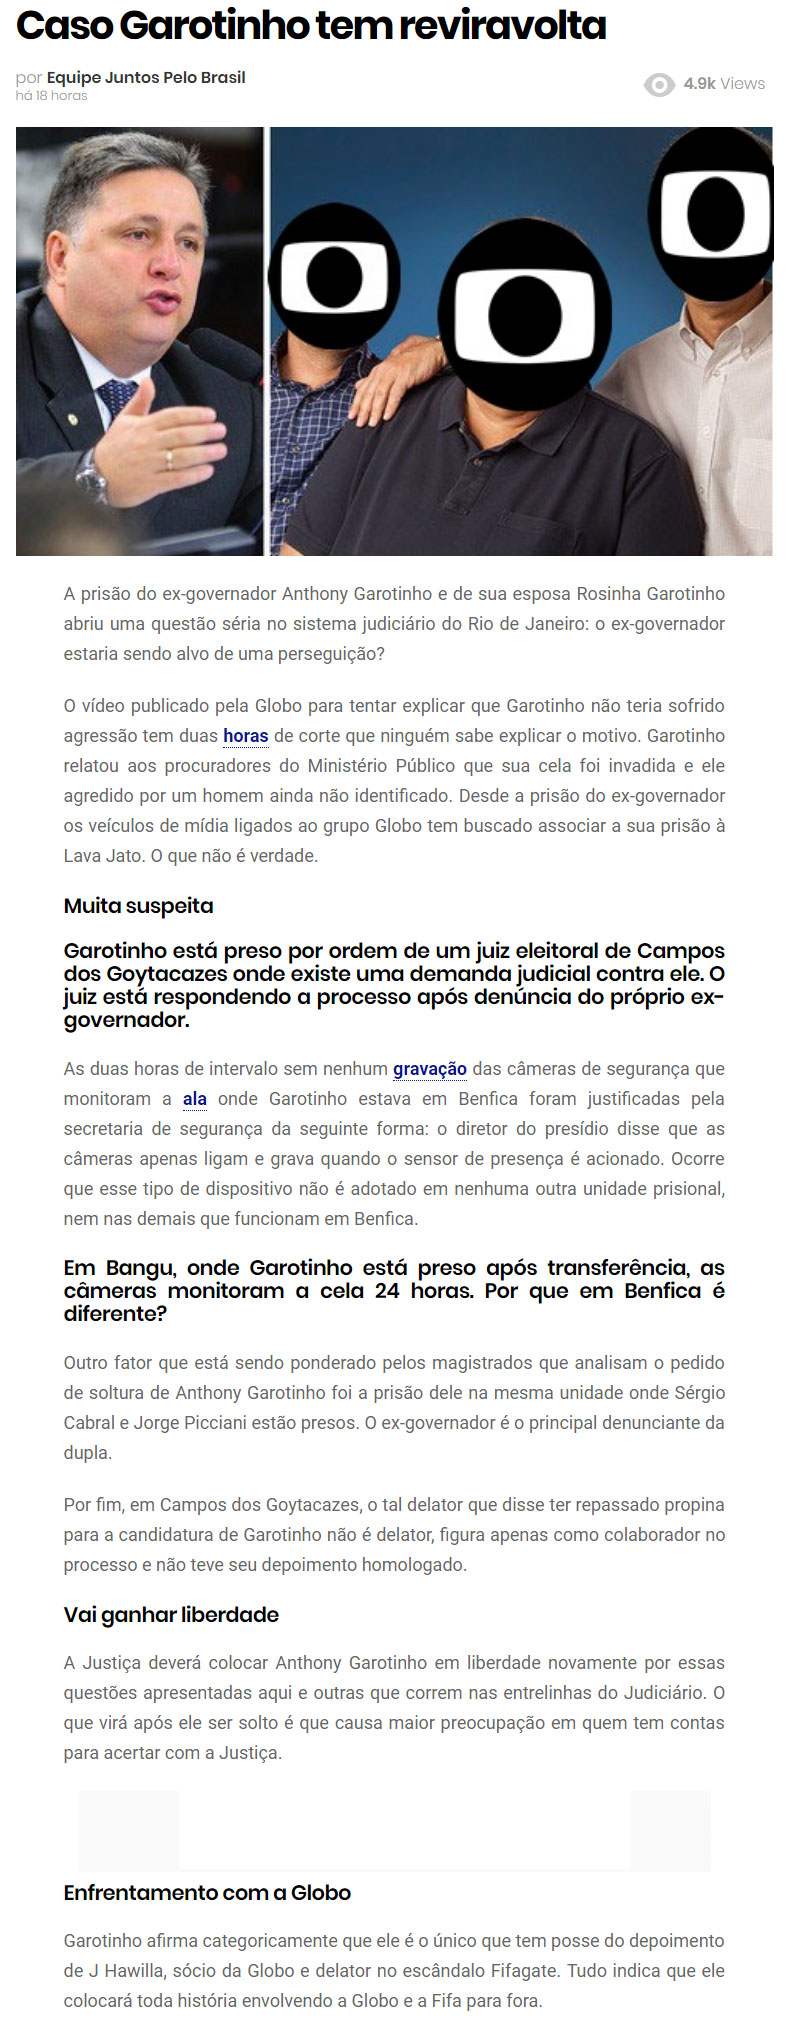 Reprodução do site Juntos pelo Brasil